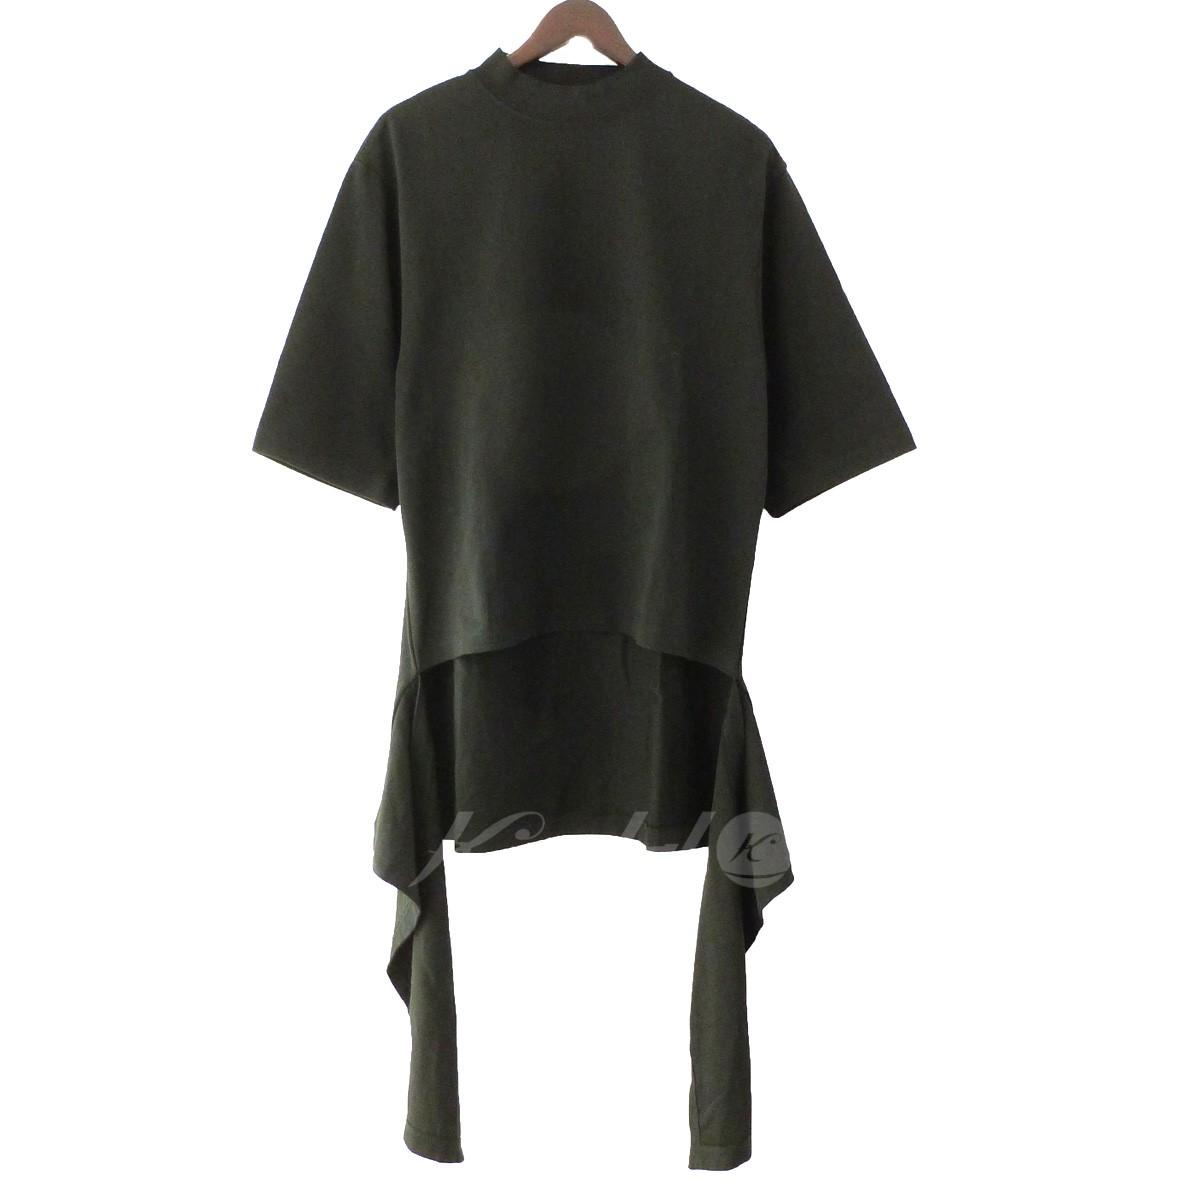 【中古】BALENCIAGA裾カッティングTシャツ ブラック サイズ:S